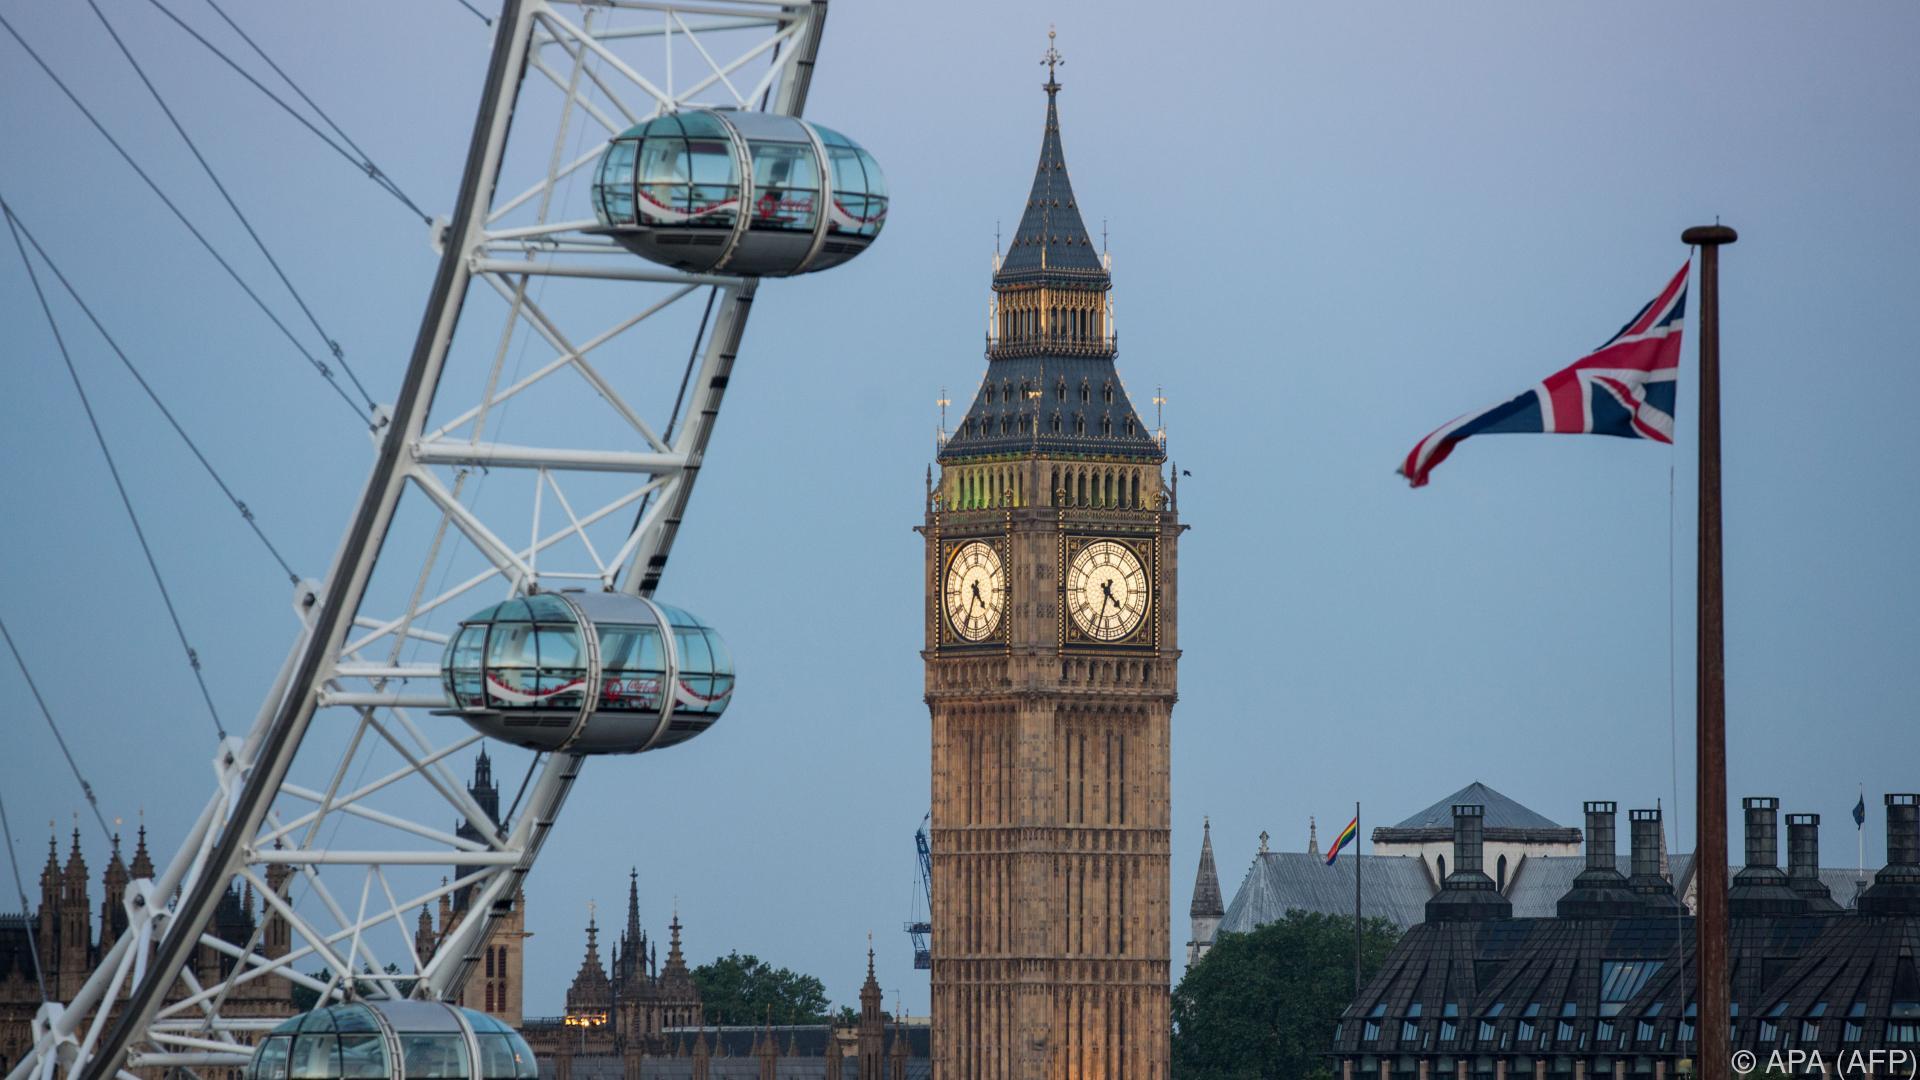 Tausende demonstrieren gegen Corona-Maßnahmen in London